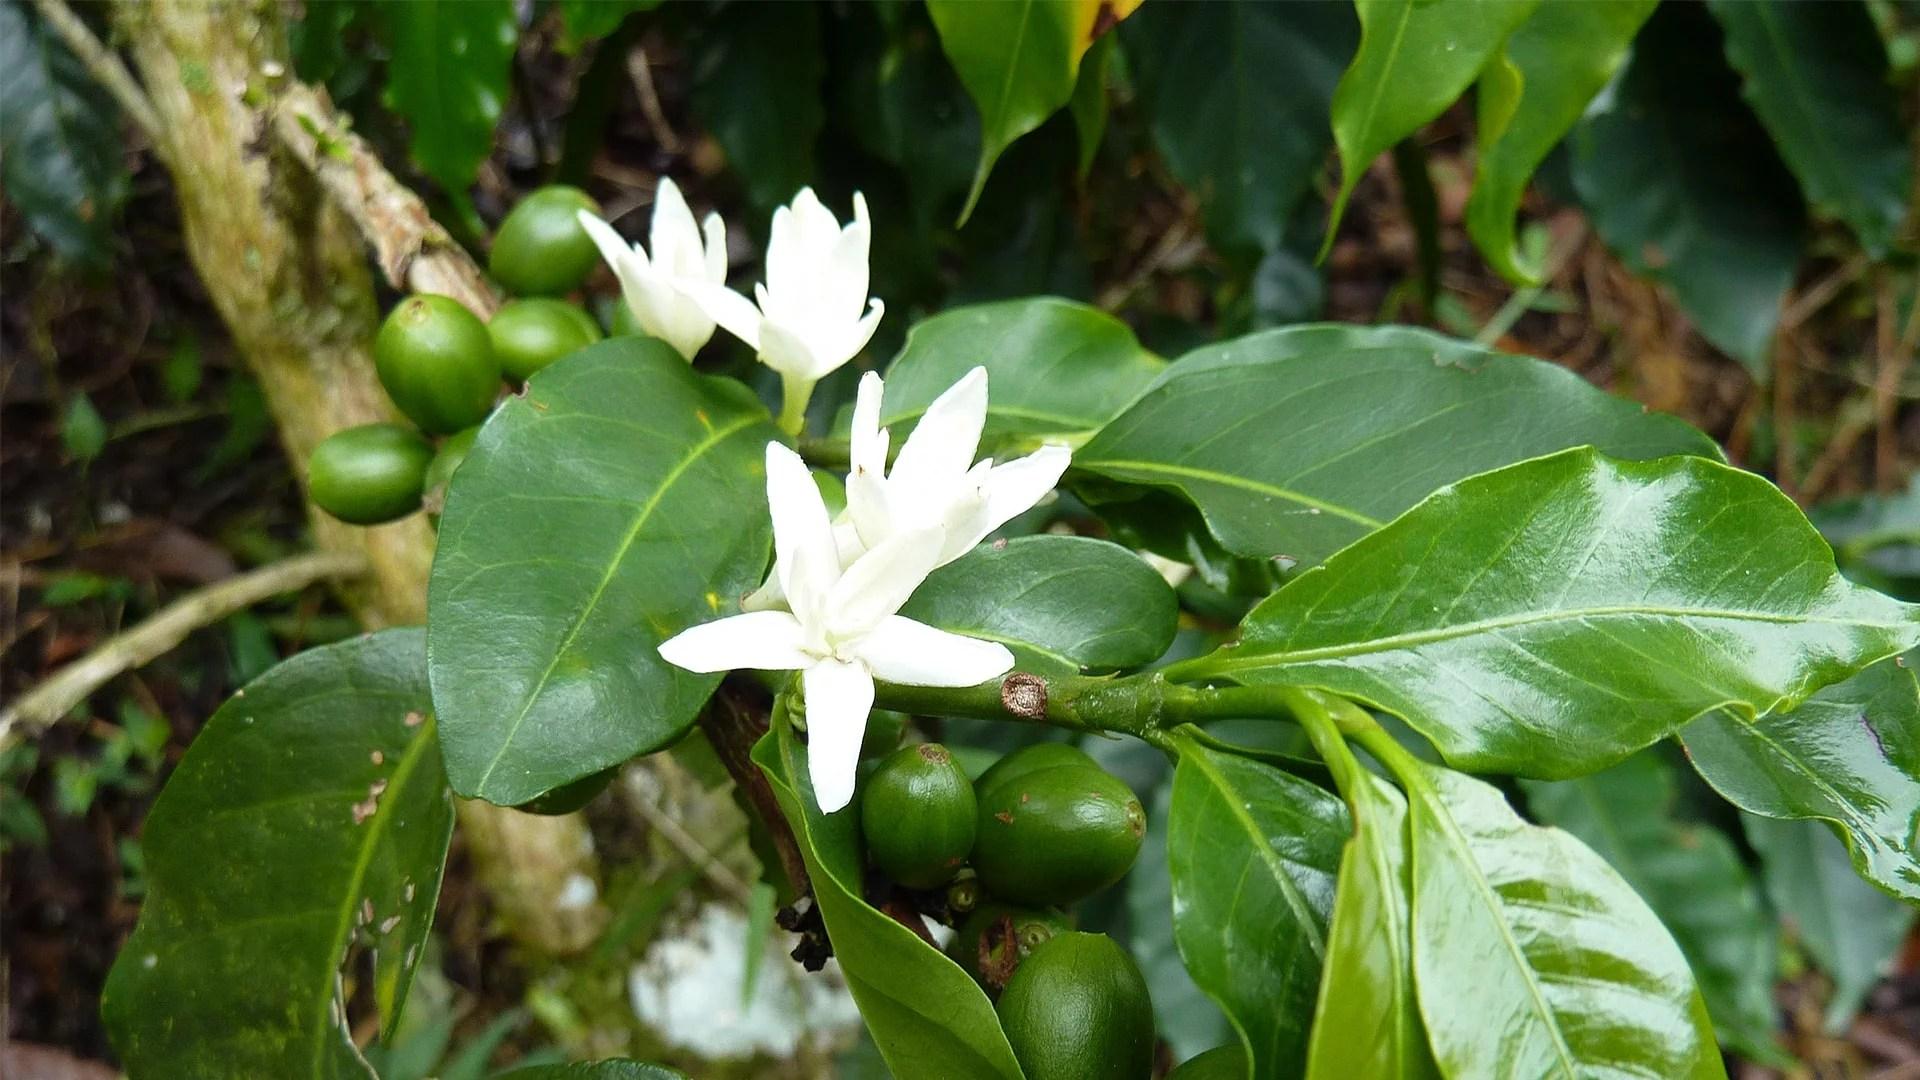 Anbassa-artisan-torrefacteur-arbre-cafe-vert-slider-1-min